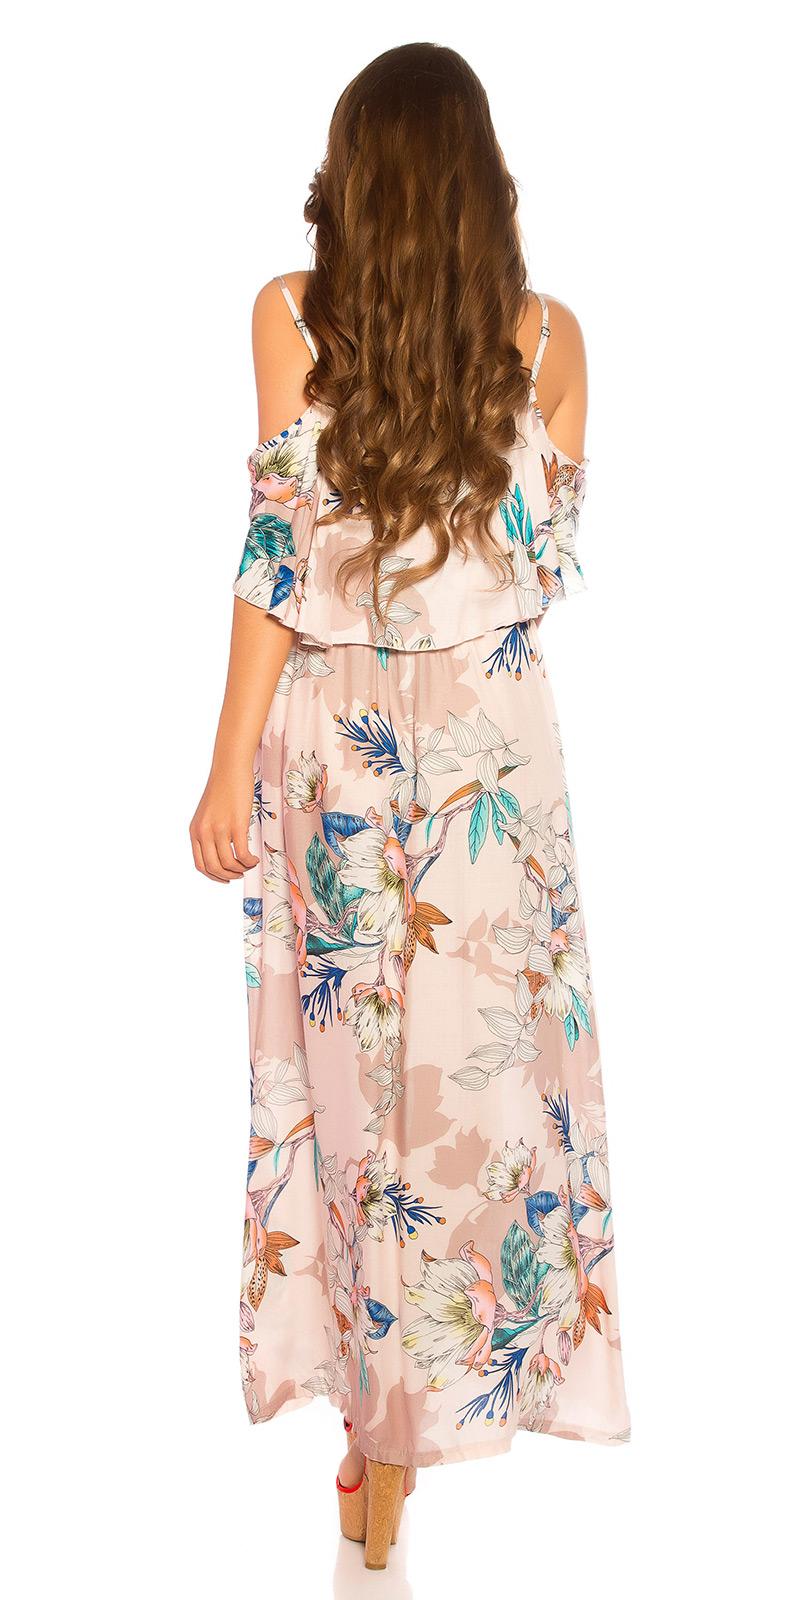 Trendstylez - Sommer Blümchen Maxi Kleid